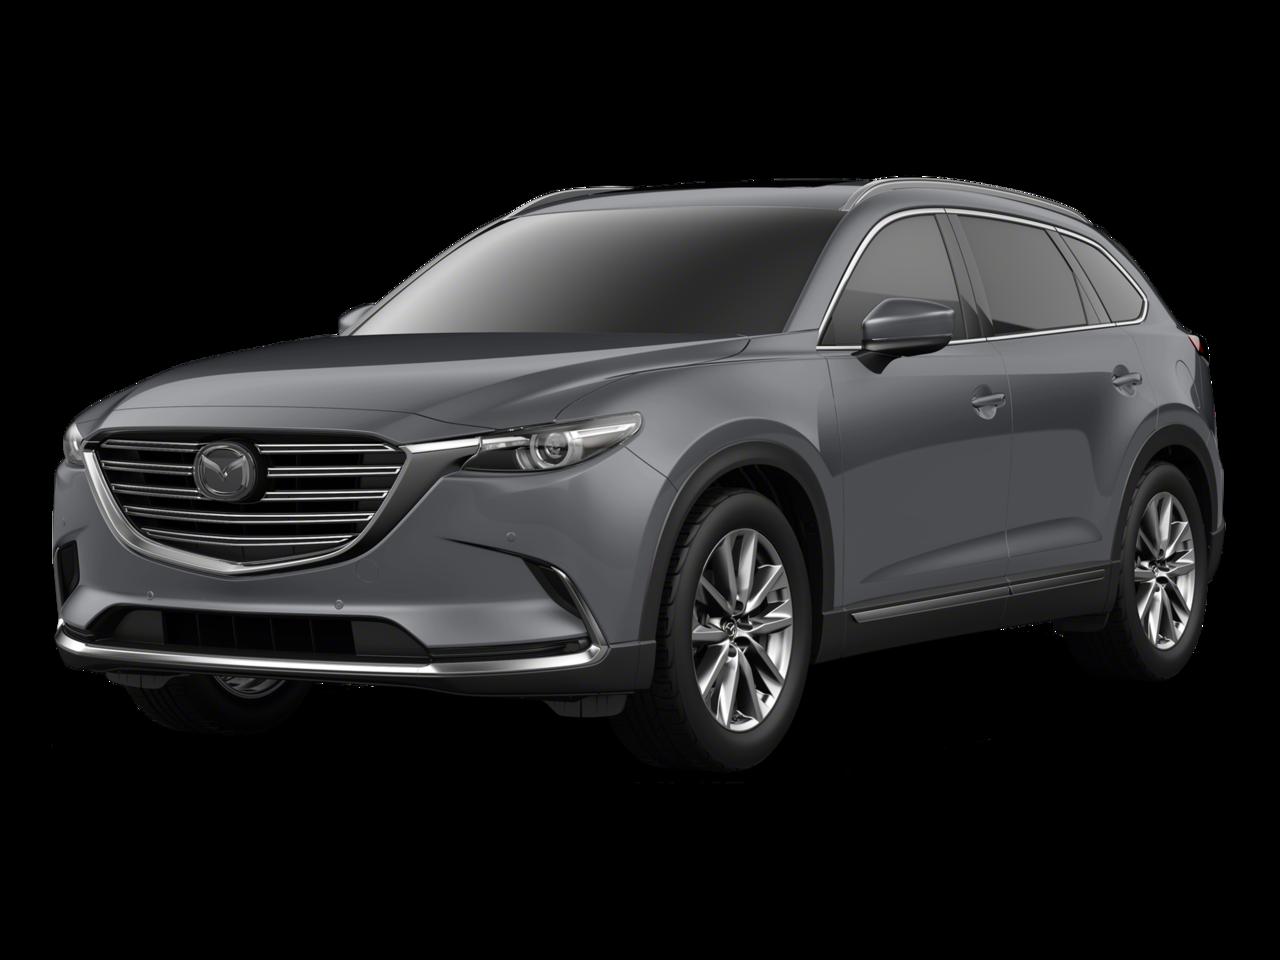 New 2018 Mazda CX-9 Signature